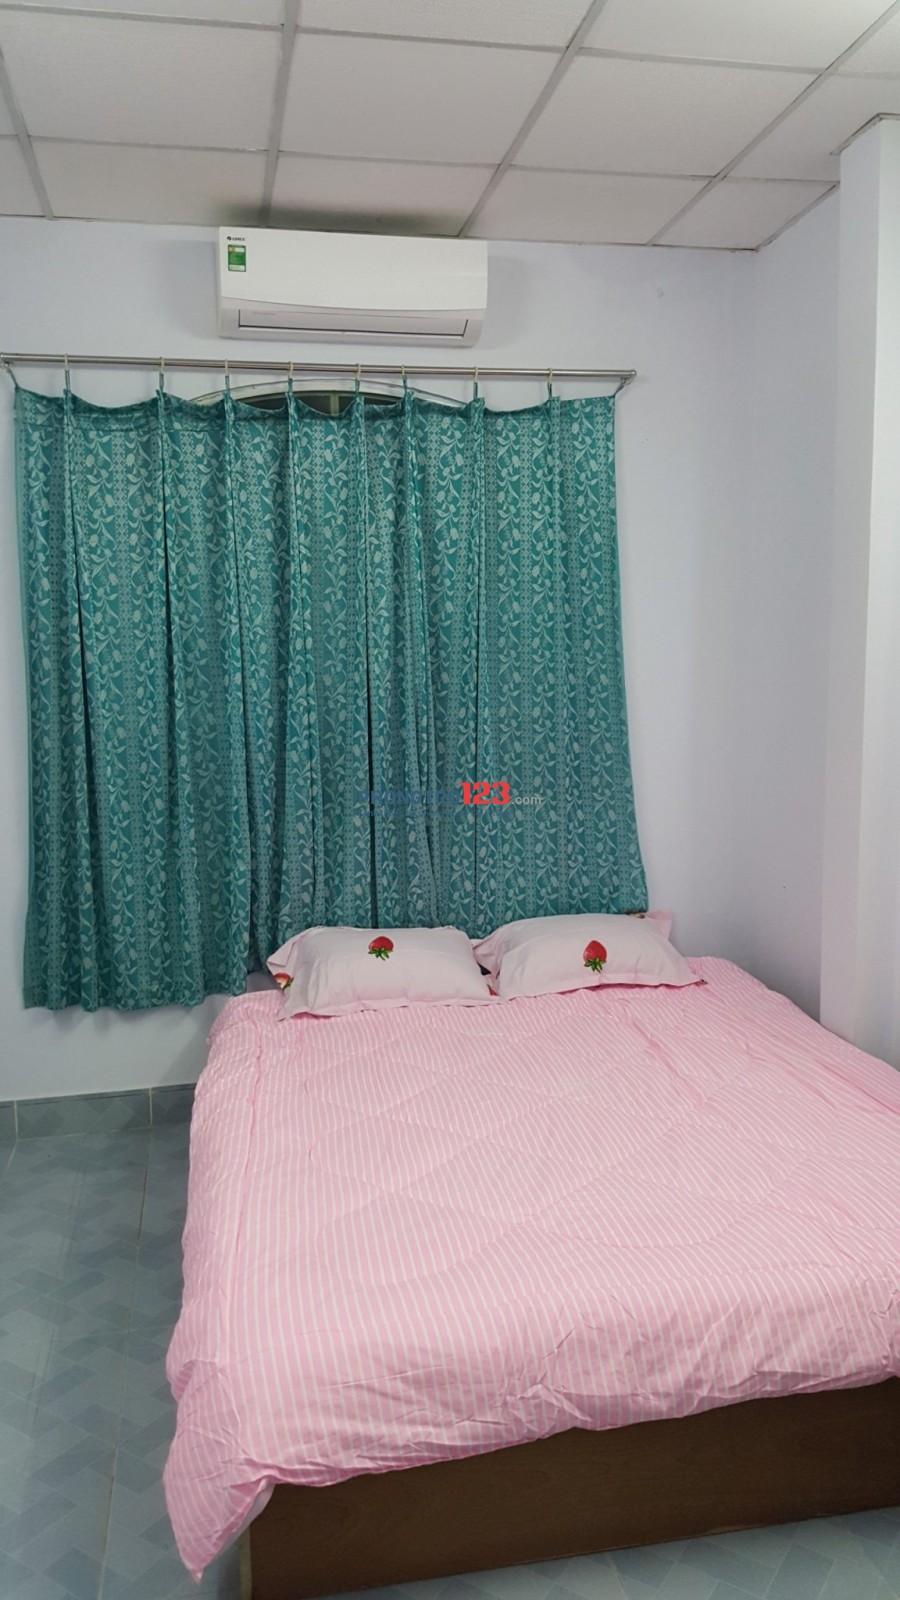 Cho thuê nhà nguyên căn full nt trệt, 4 lầu 4pn 4wc Q1 giá rẻ phù hợp kinh doanh CHDV